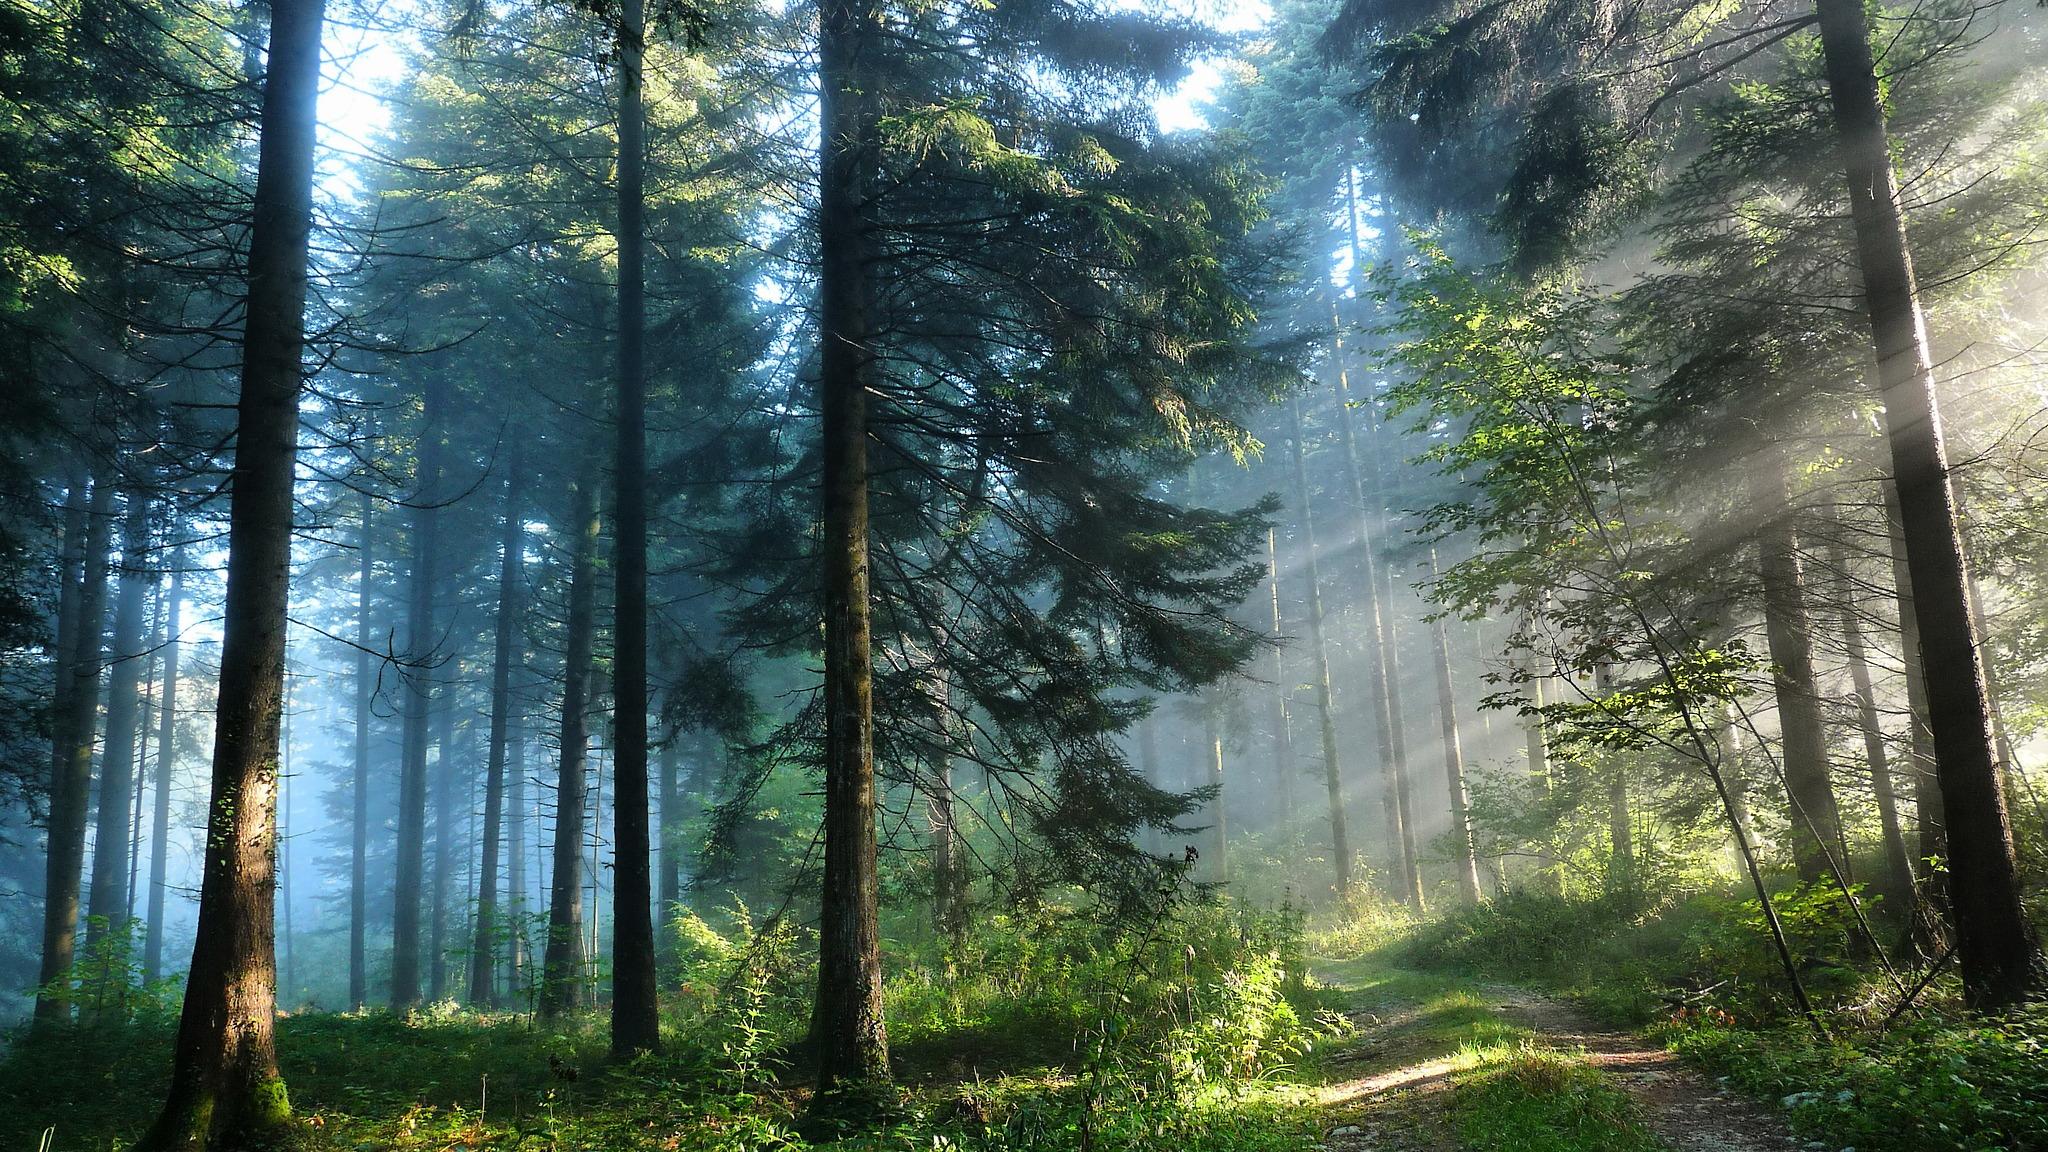 Disperso nei boschi tramonto for Cabina innevata nei boschi